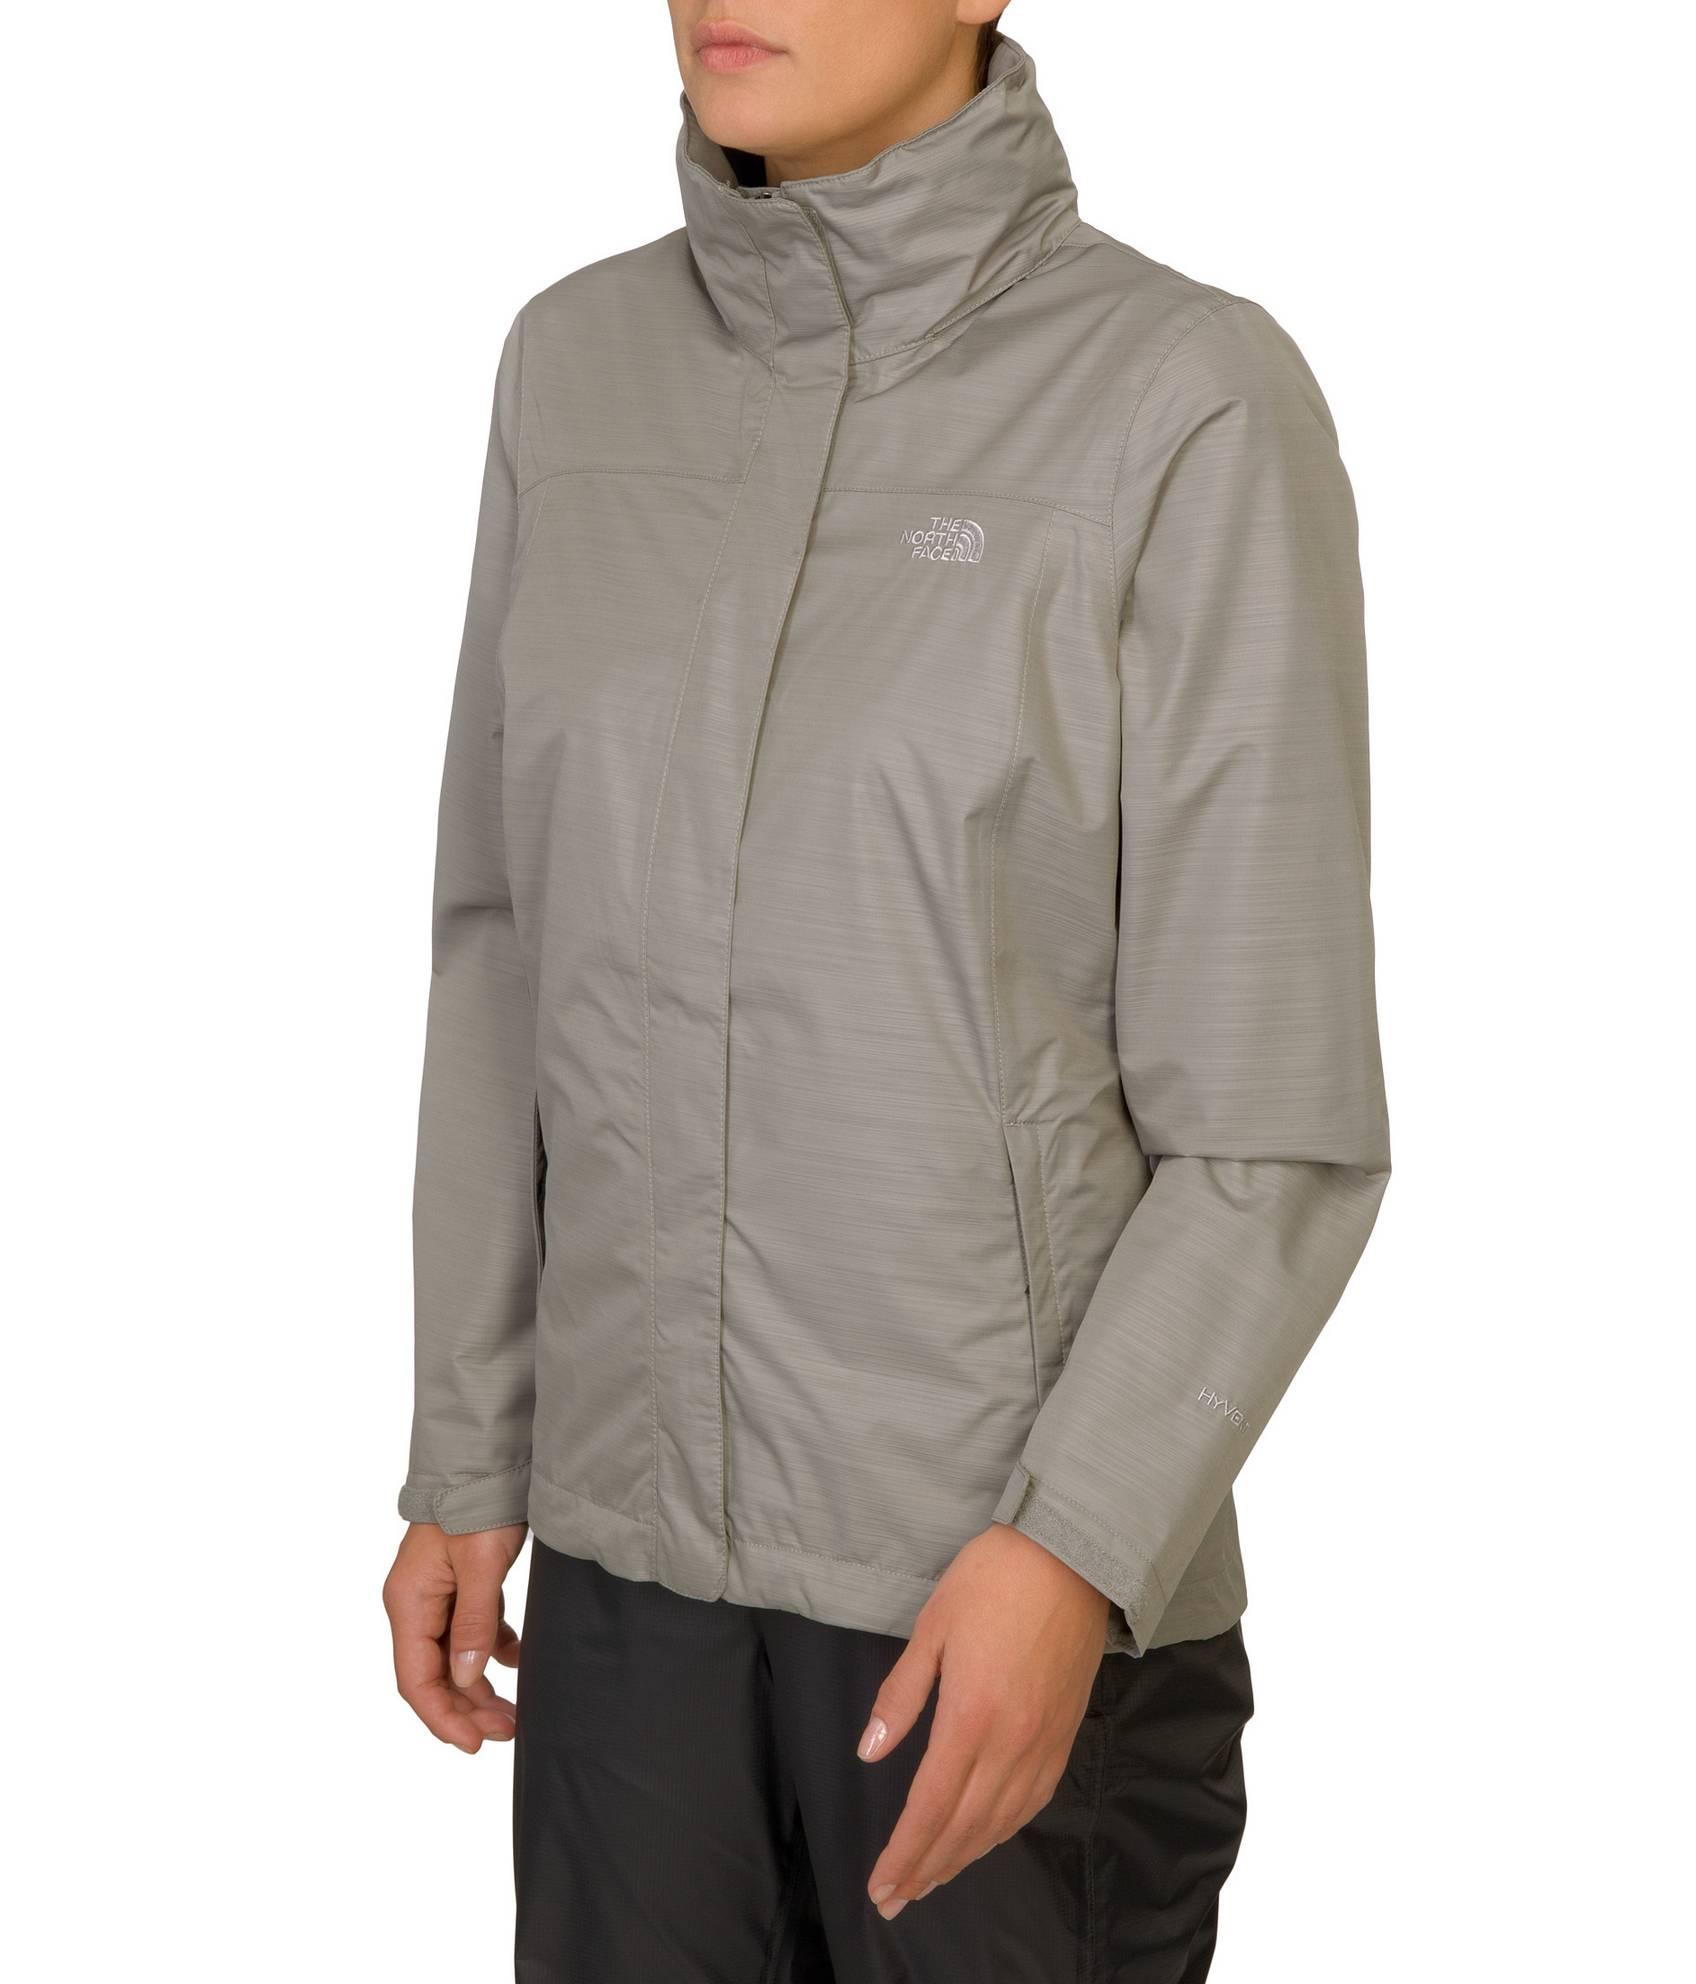 Ook tijdens de koopjes kan je jezelf gemakkelijk lanceren. Solden jassen voor dames, we love it! Keuze in overvloed met een heuse jassenparade. Lente, zomer, herfst of winter, bij elk seizoen hoort de juiste jas! Waar we in de lente en zomer vooral naar lichtere jeansjasjes en jackets grijpen, mogen in de winter de dikkere exemplaren ons verwarmen.